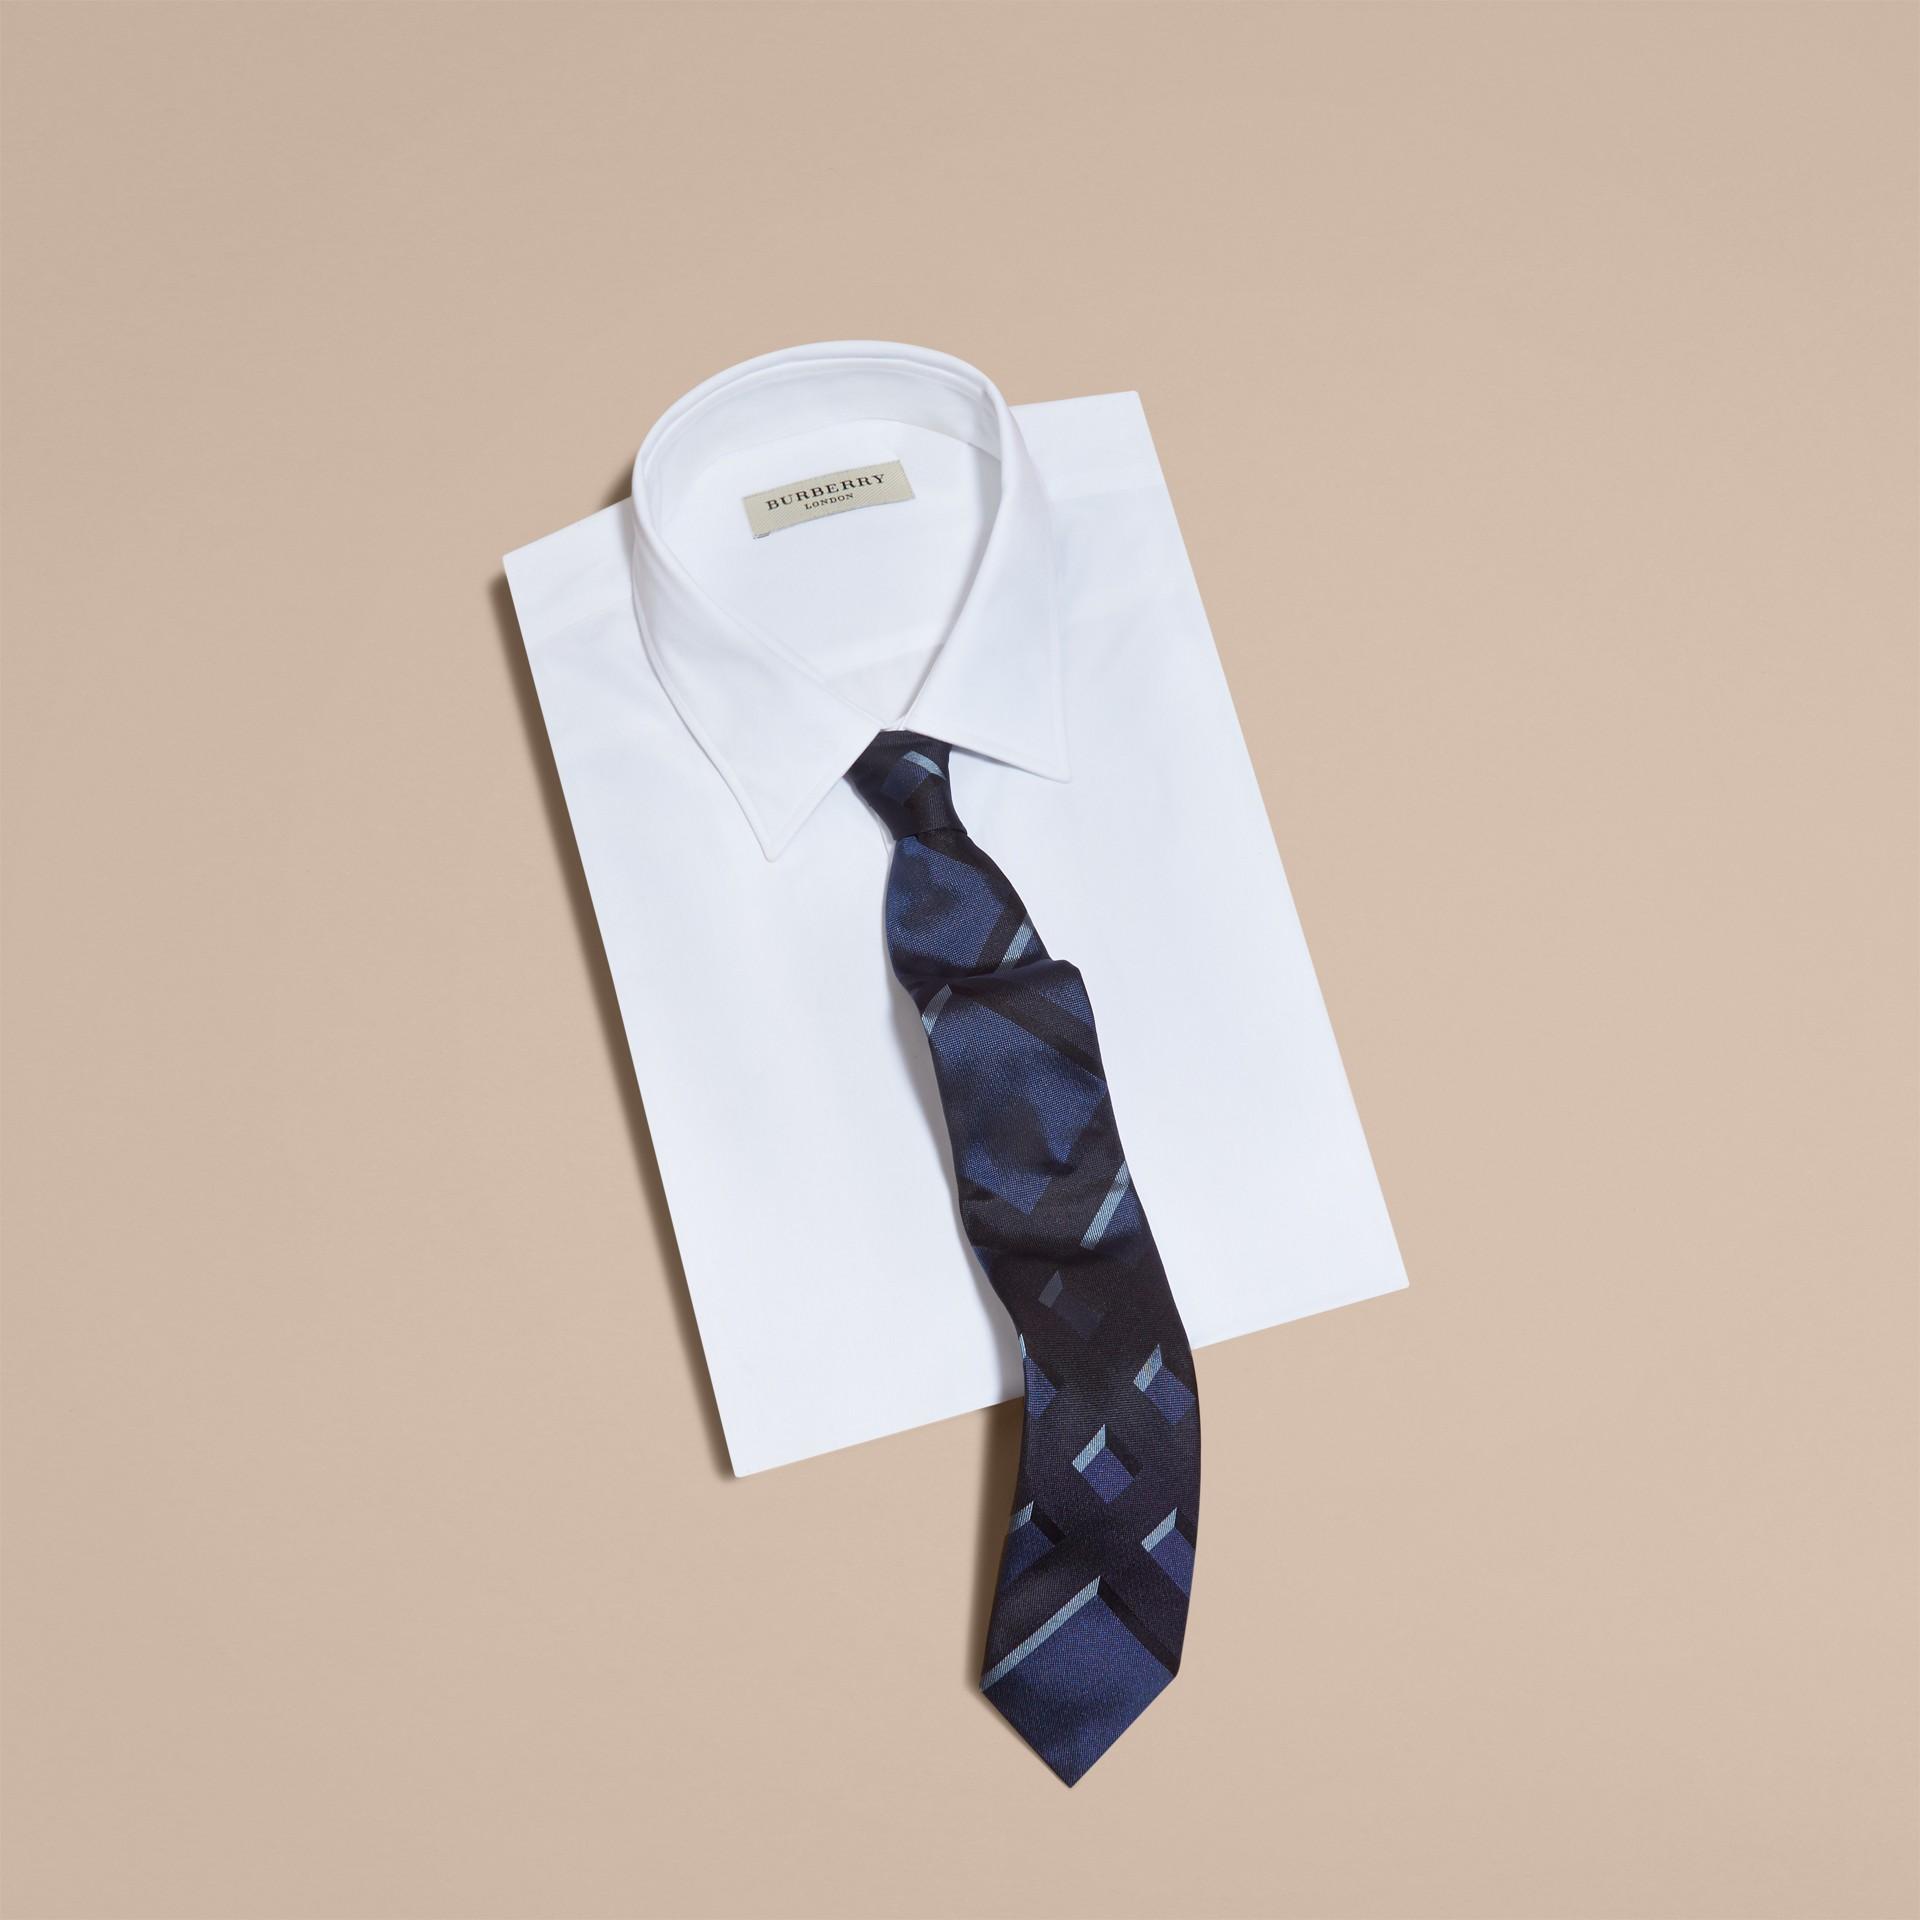 Bleu hortensia Cravate moderne en jacquard de soie à motif check Bleu Hortensia - photo de la galerie 3